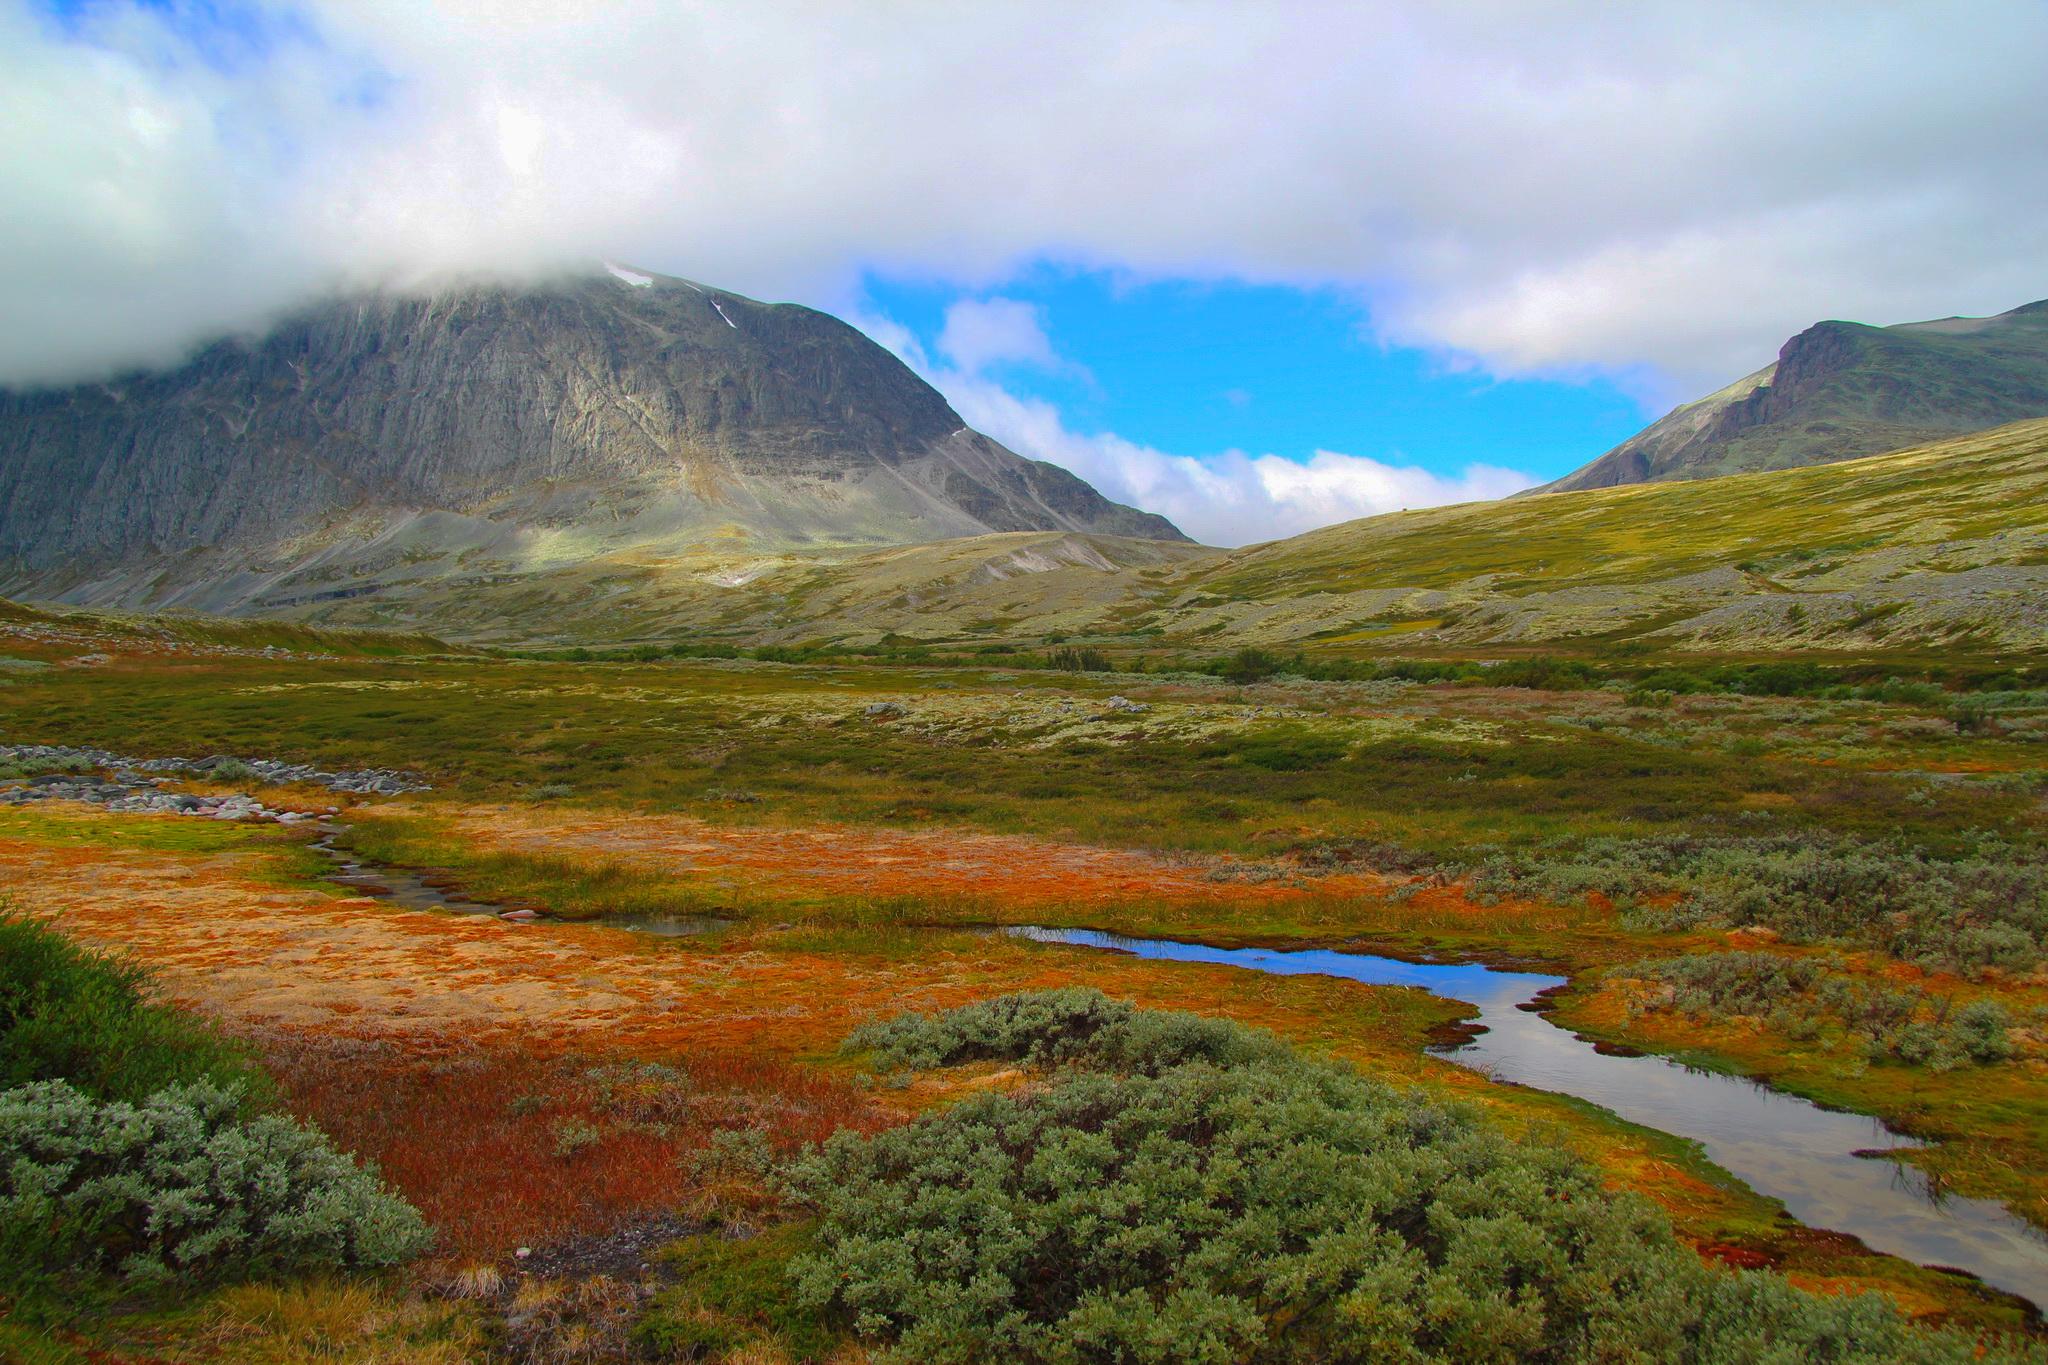 Údolí podél říčky Døråe